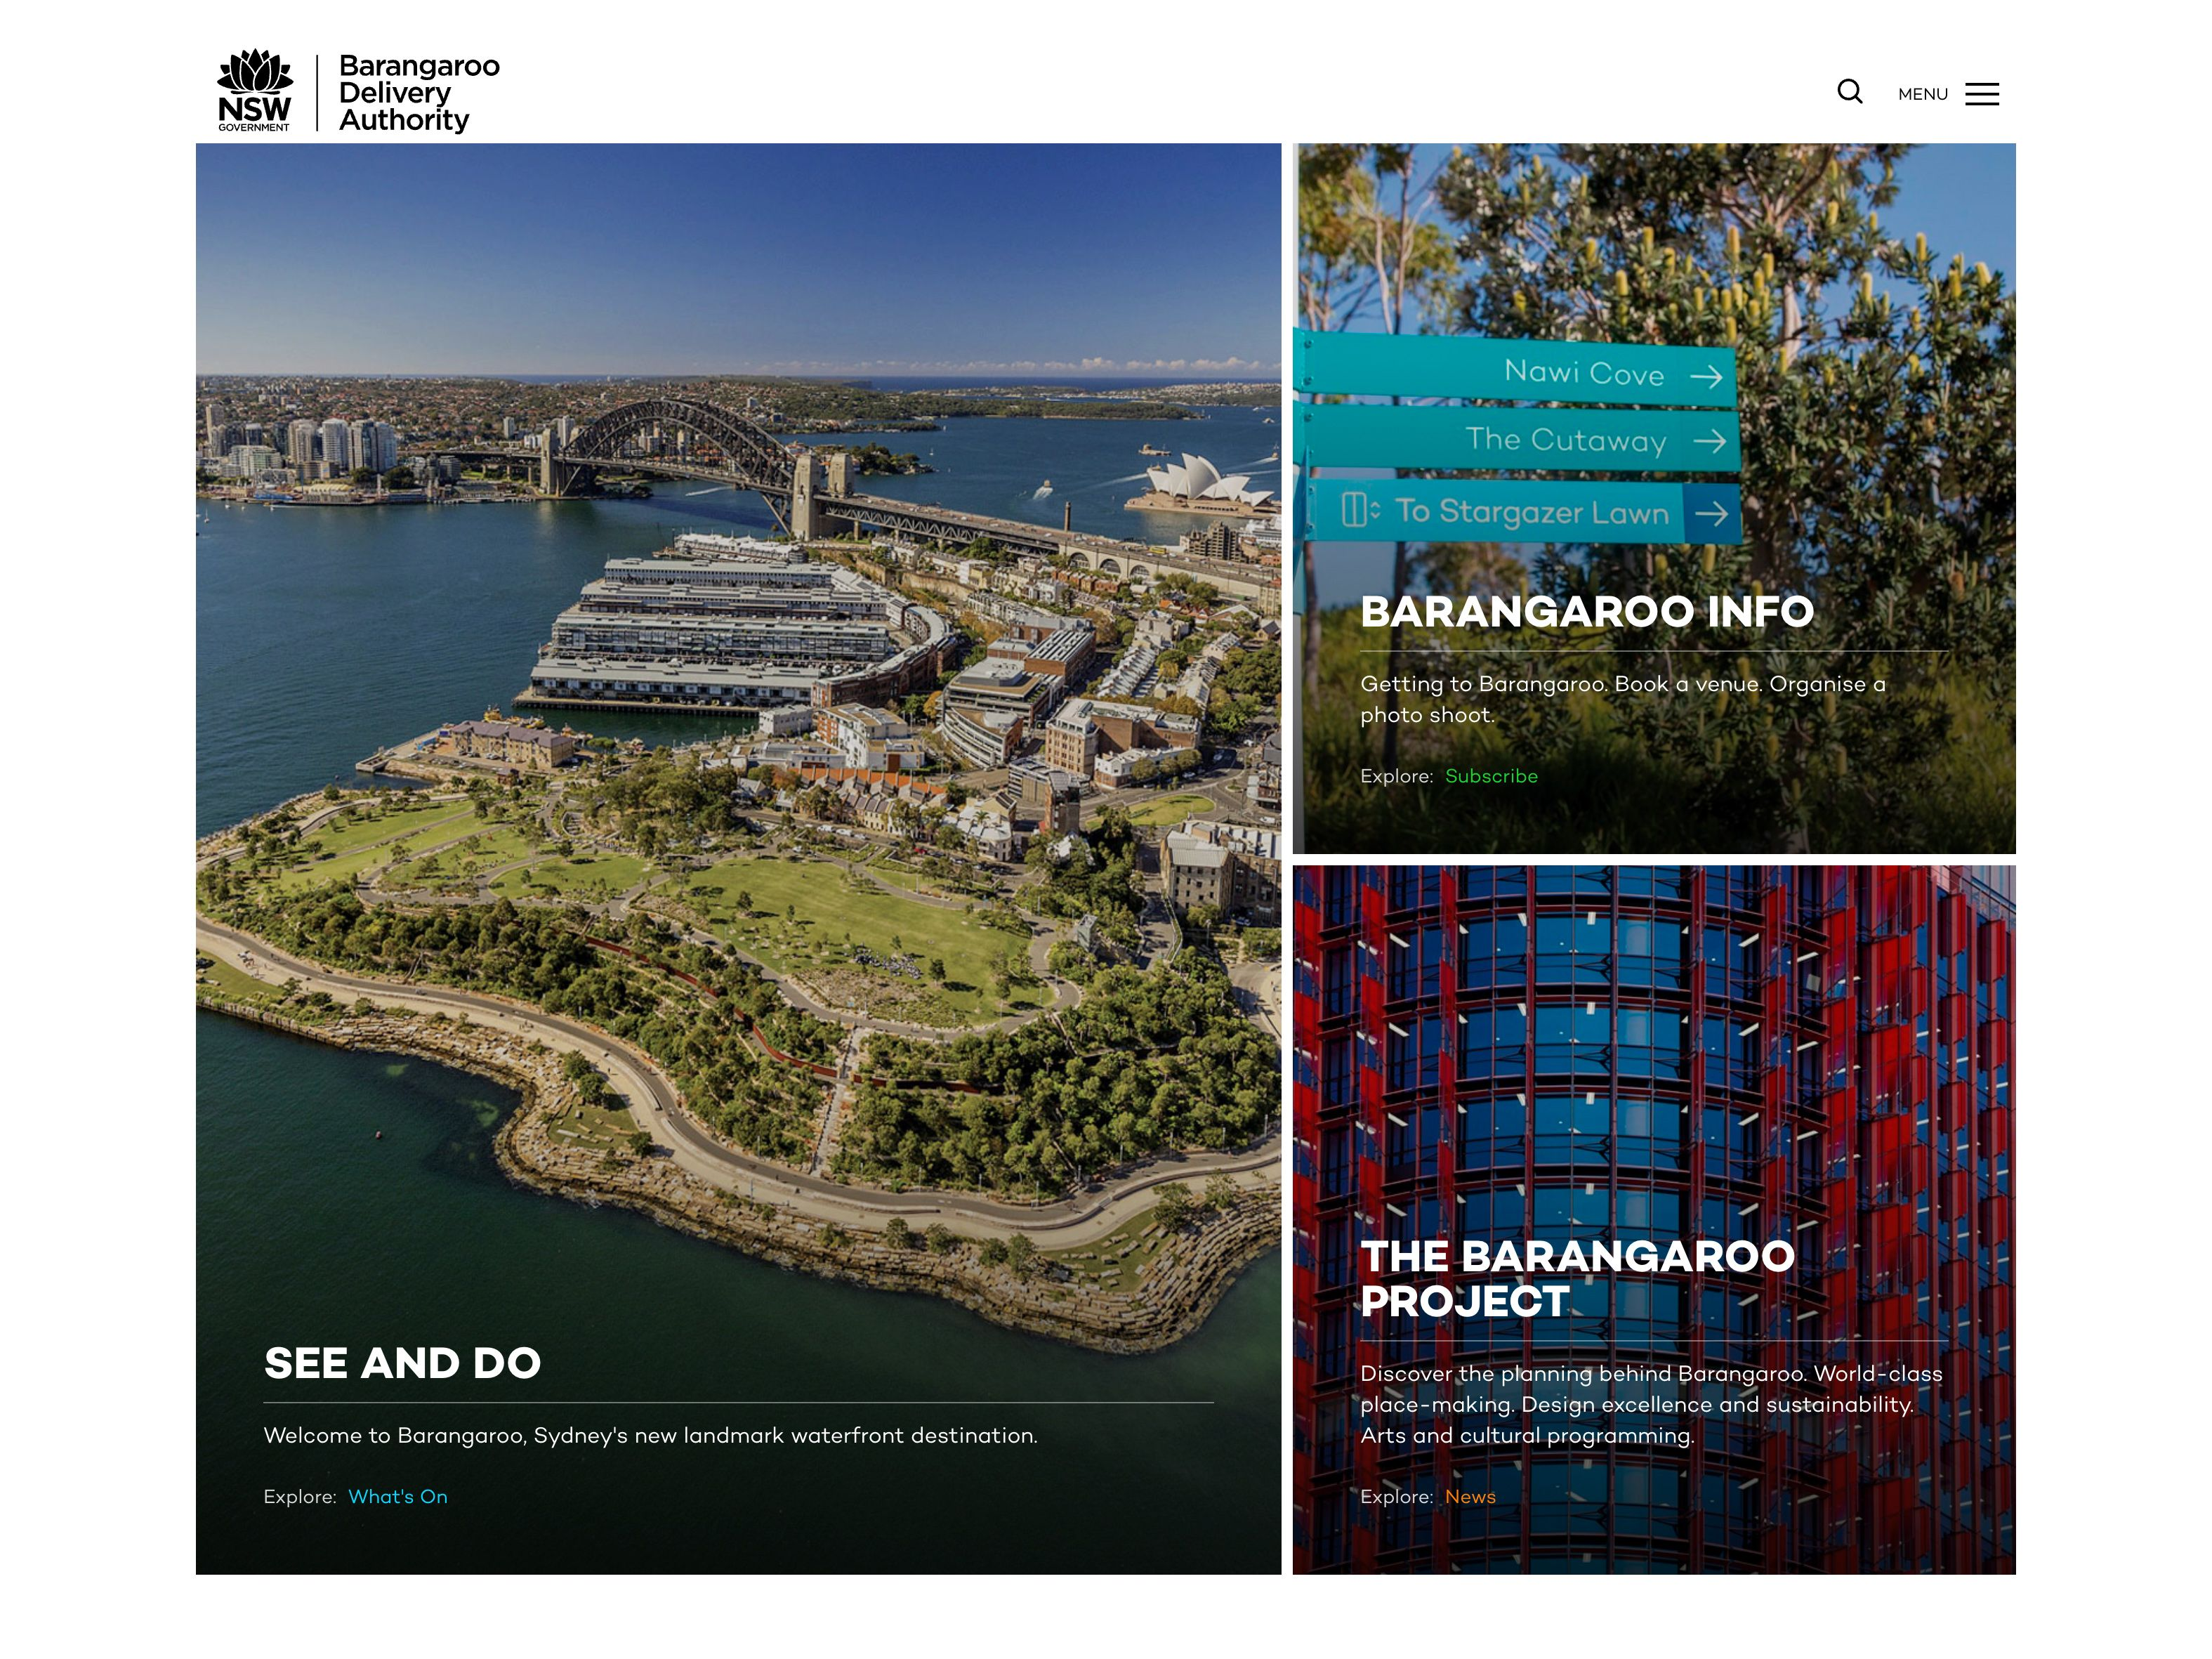 Screenshot of the Barangaroo website home page